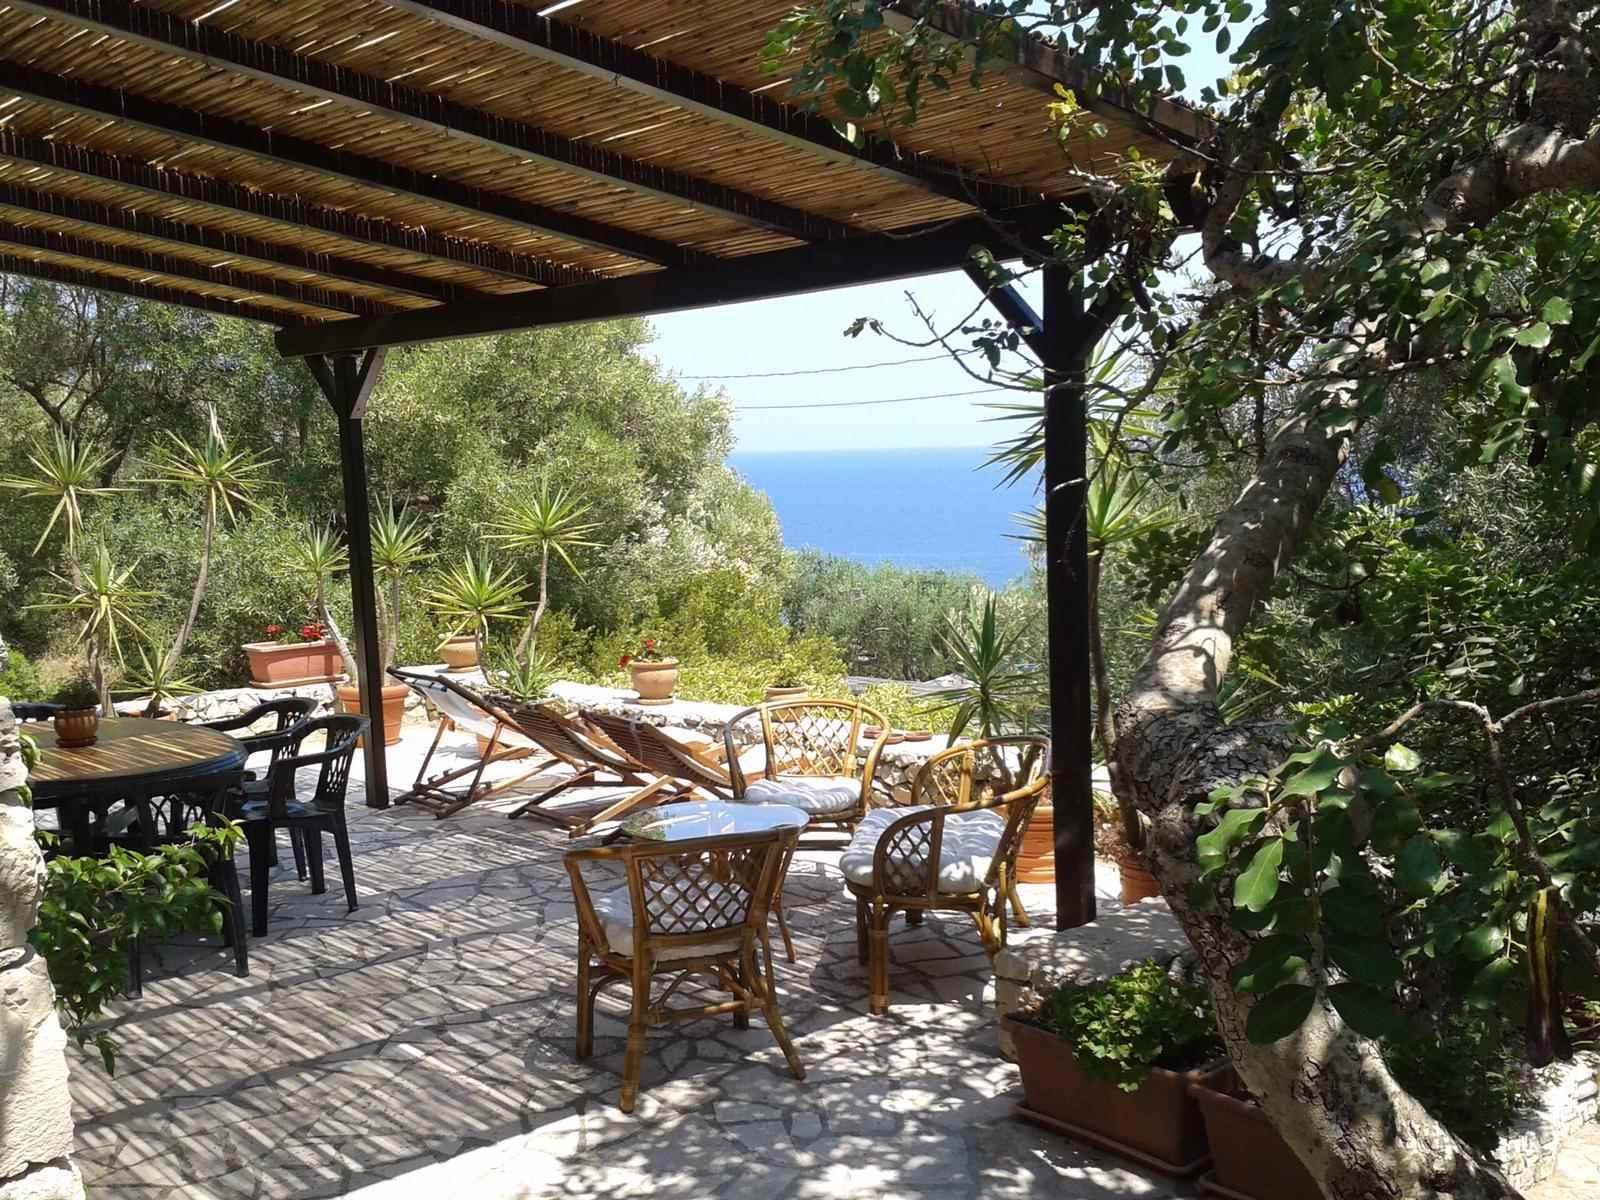 Apartment Mirto Sopra - casa in pietra sul mare photo 24830035